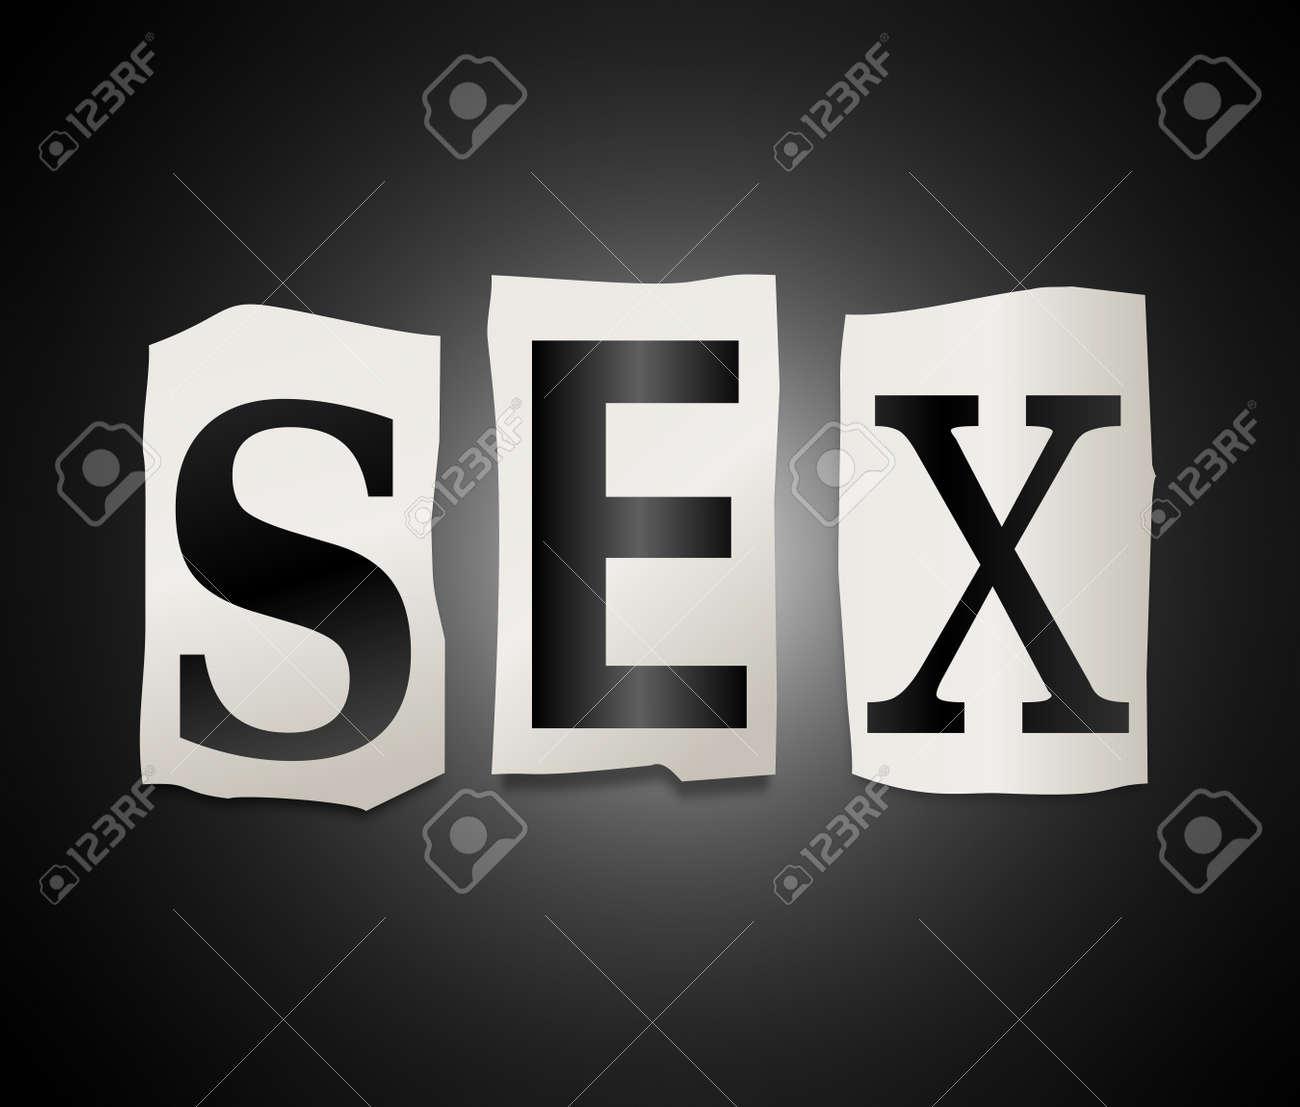 Секс соспяащыми девущками